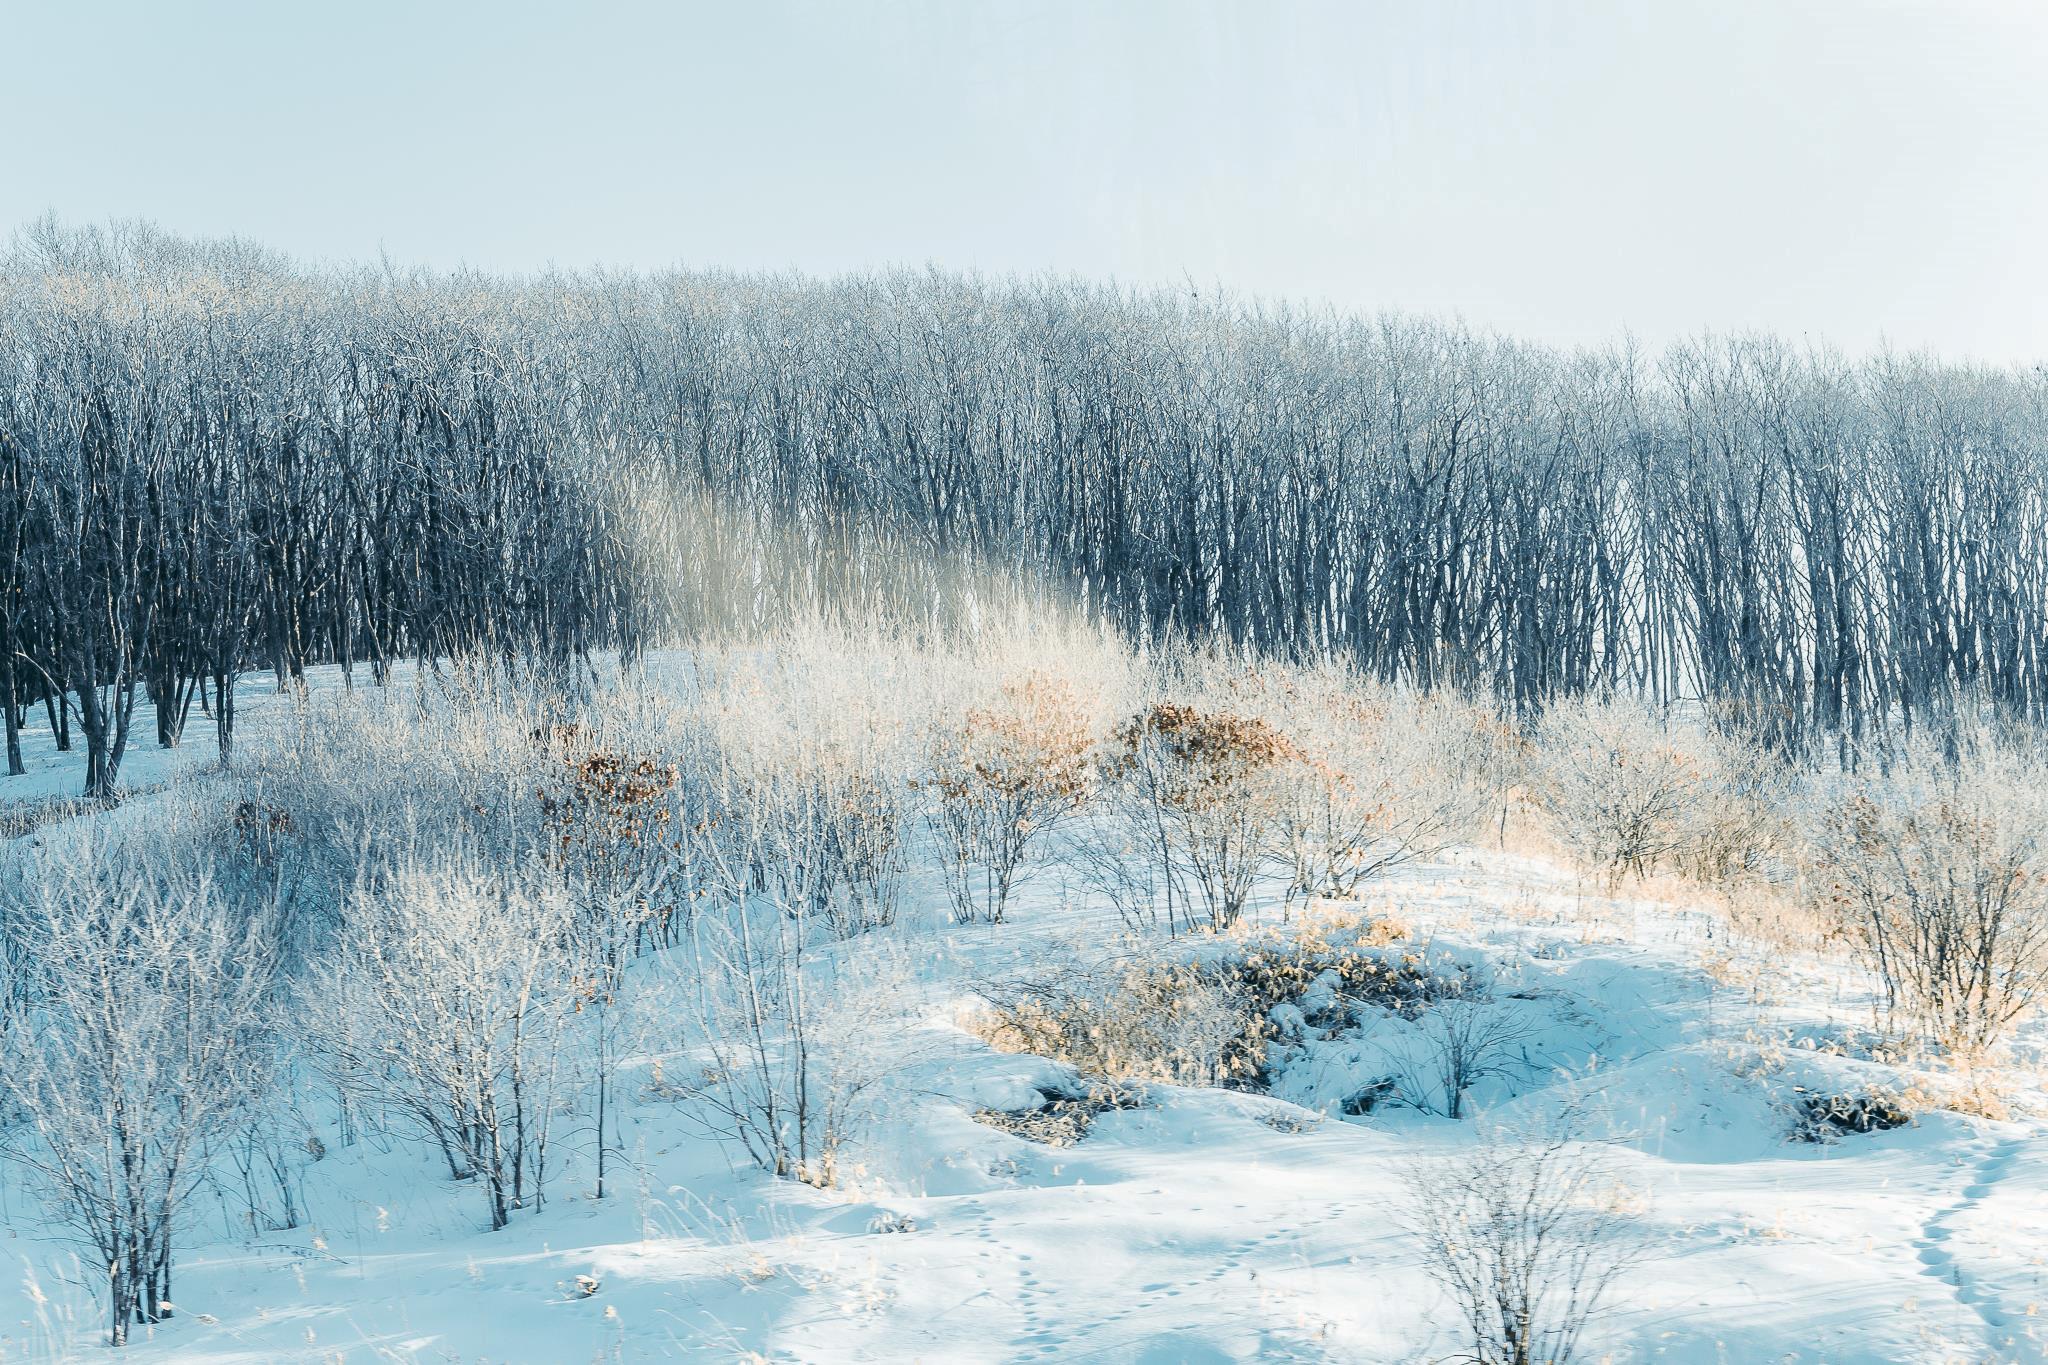 Ngắm nhìn một Hokkaofo đắm mình trong làn tuyết trắng